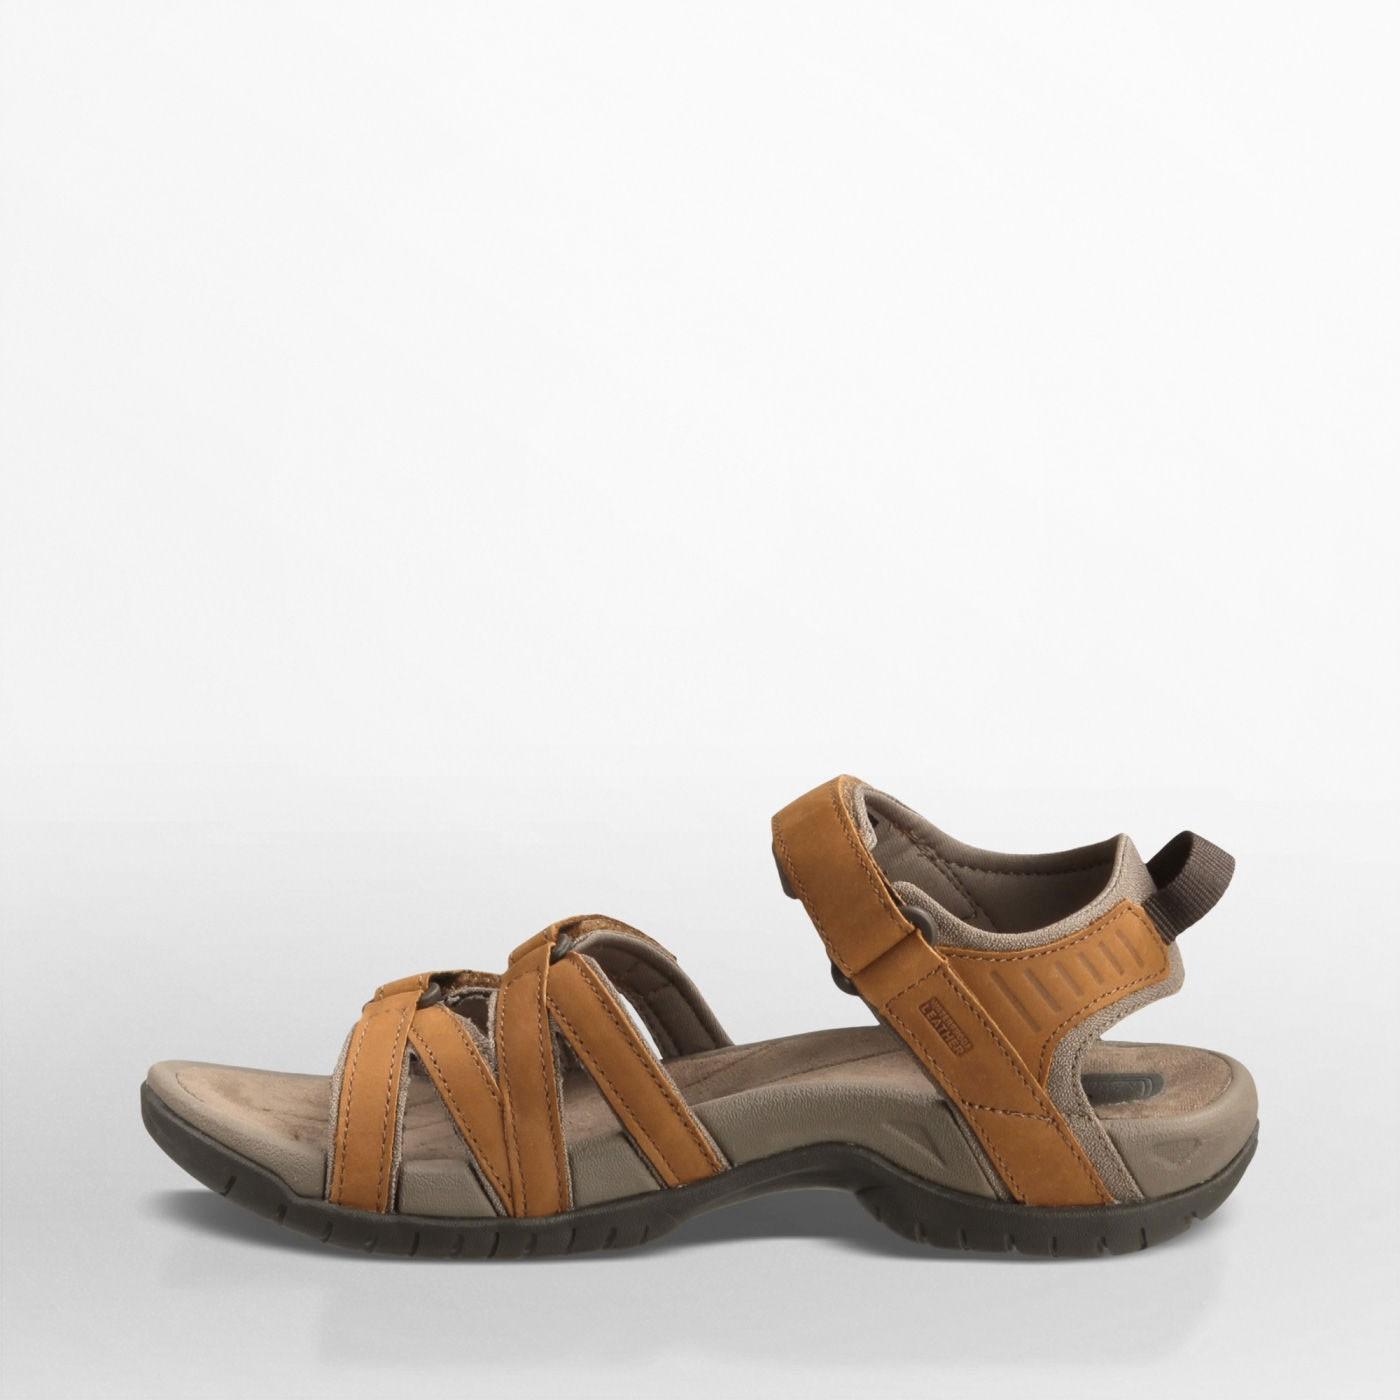 TEVA - Tirra Leather Women's Sandal - Rust